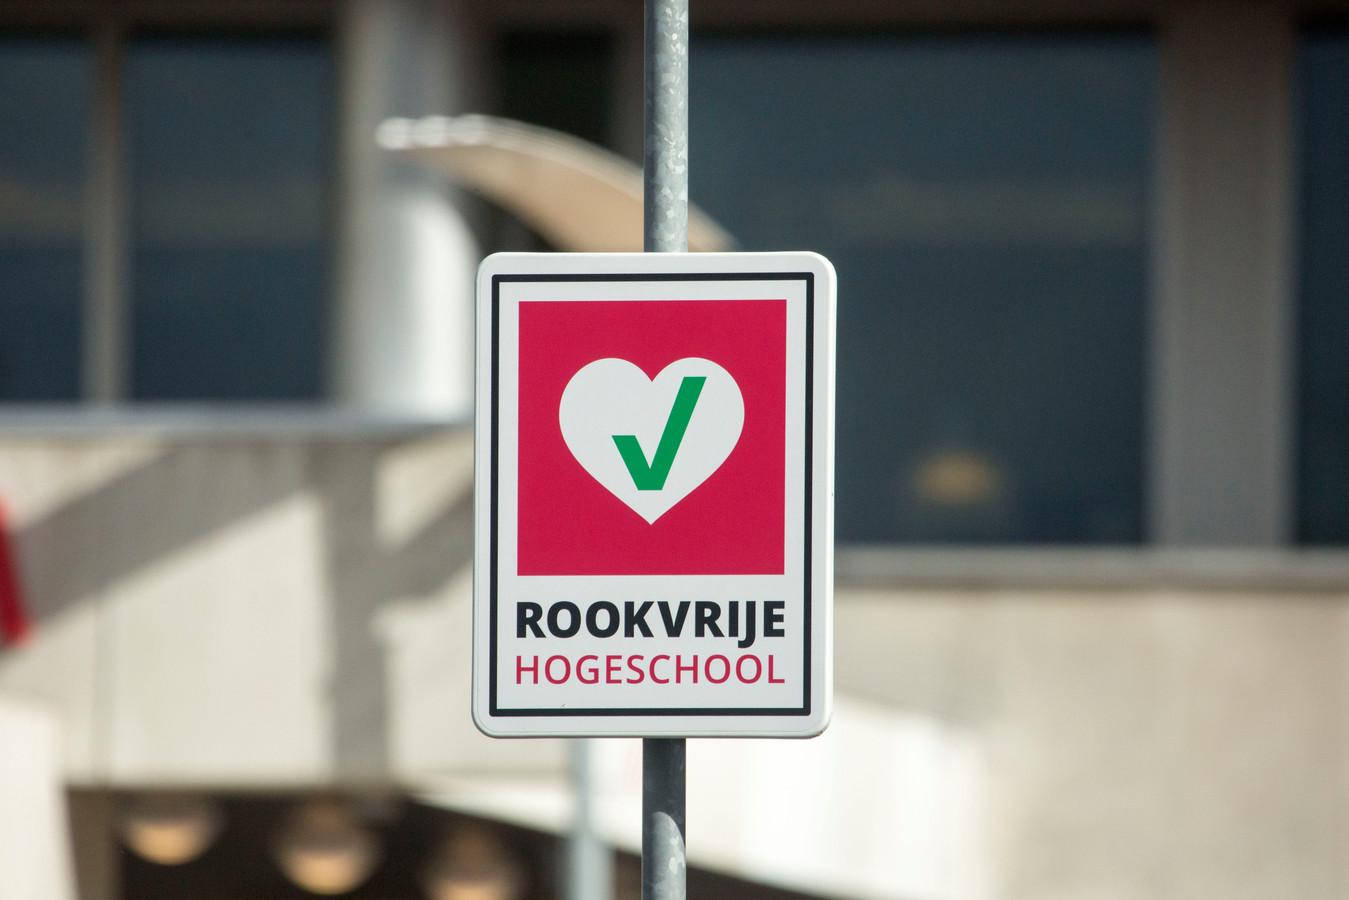 Scholen moeten vanaf augustus 2020 rookvrije schoolpleinen hebben.